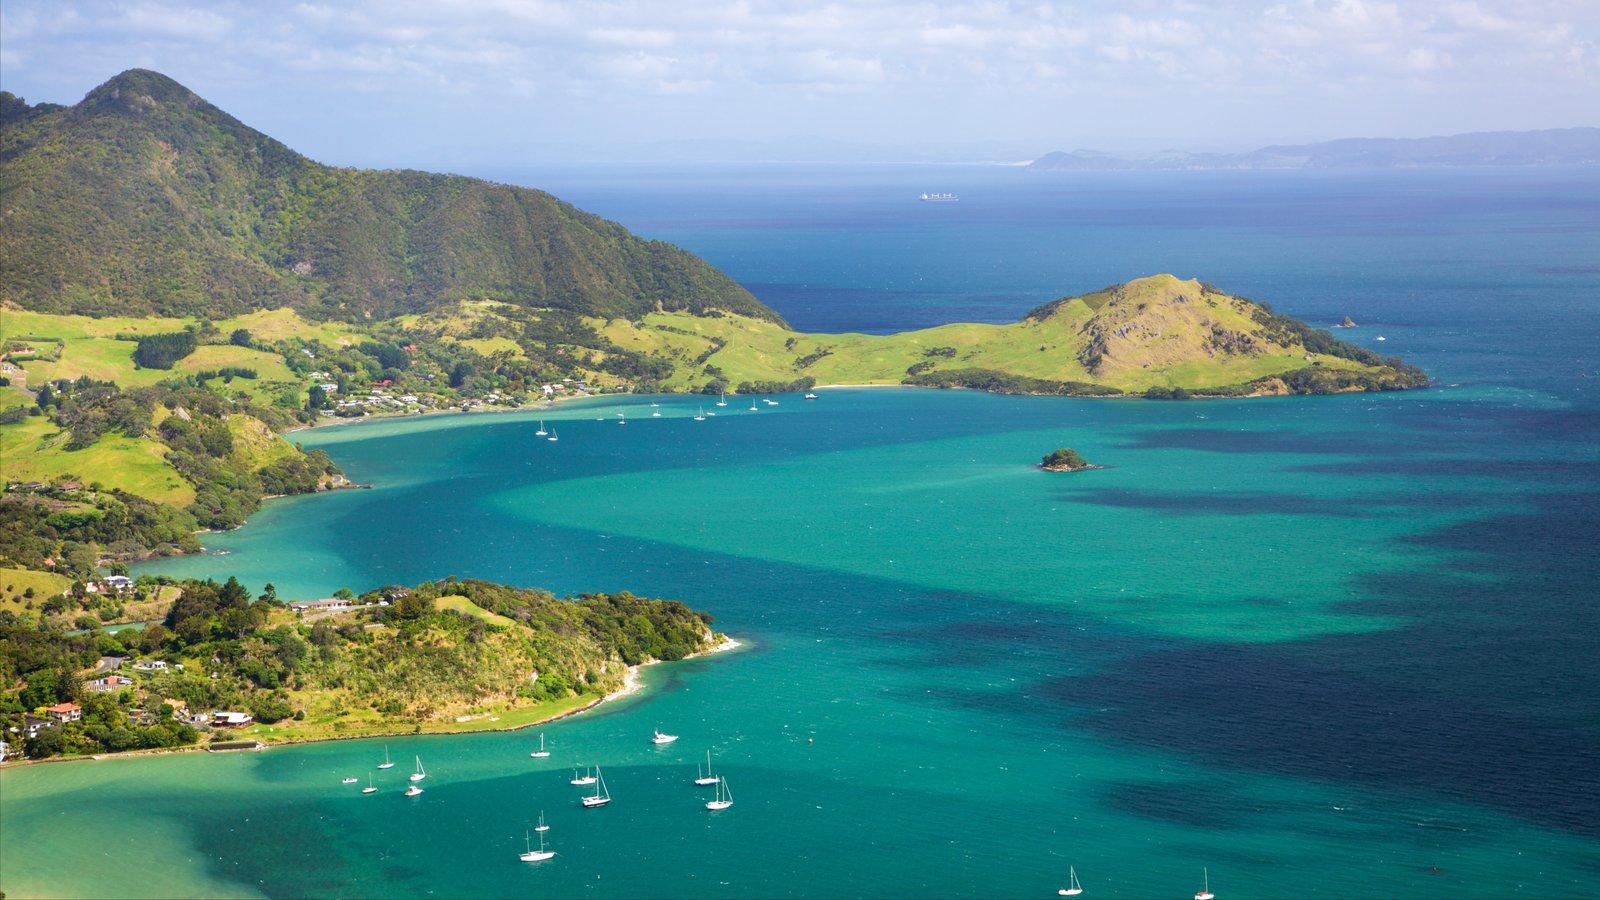 Mount Manaia ofreciendo una bahía o puerto, montañas y una ciudad costera